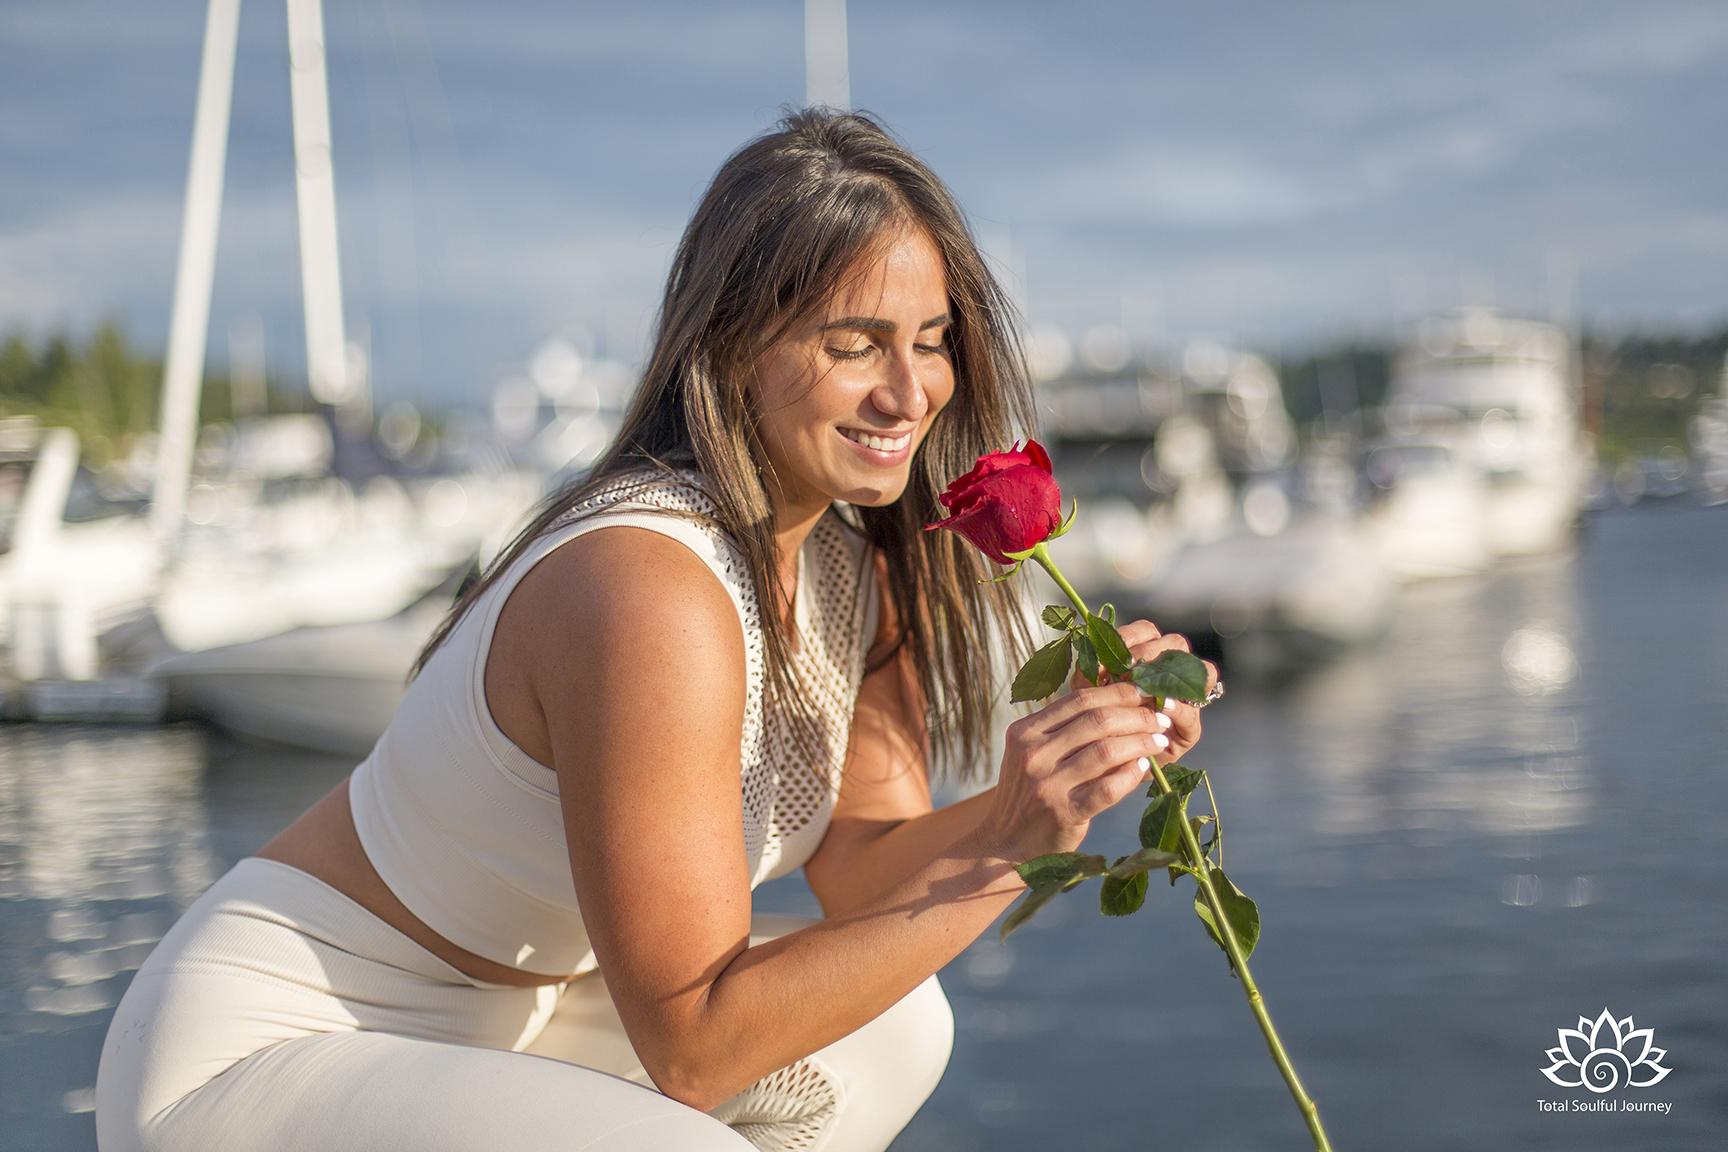 Aileen Day - Dentist, yoga teacher and wellness expert. Photography by Paul Garrett